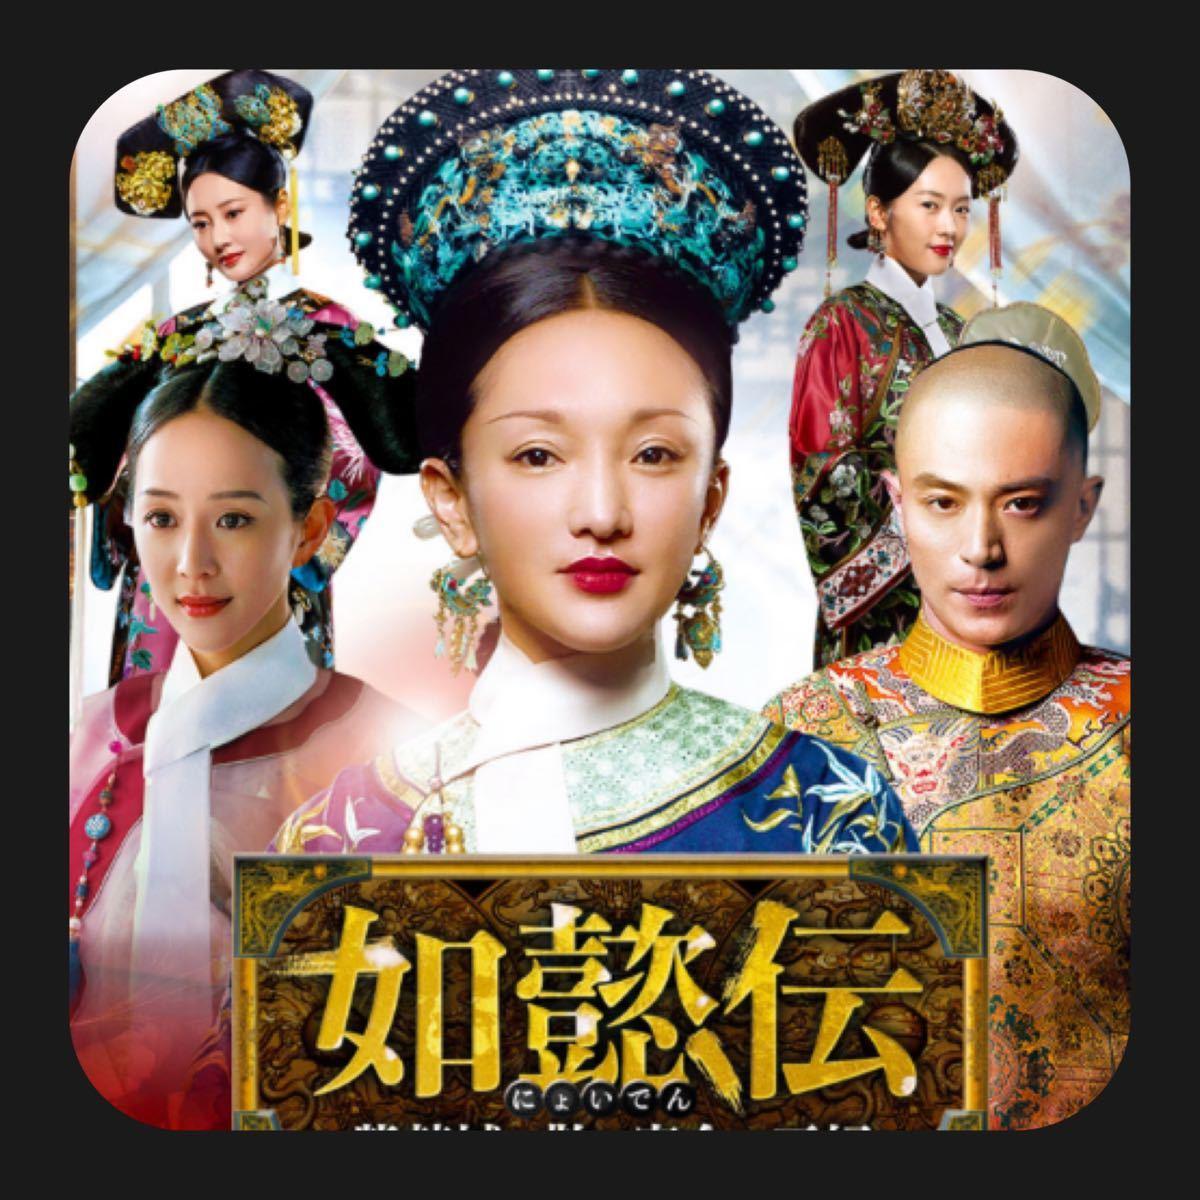 中国ドラマ 如意伝 BluRay全話 ☆画質良☆